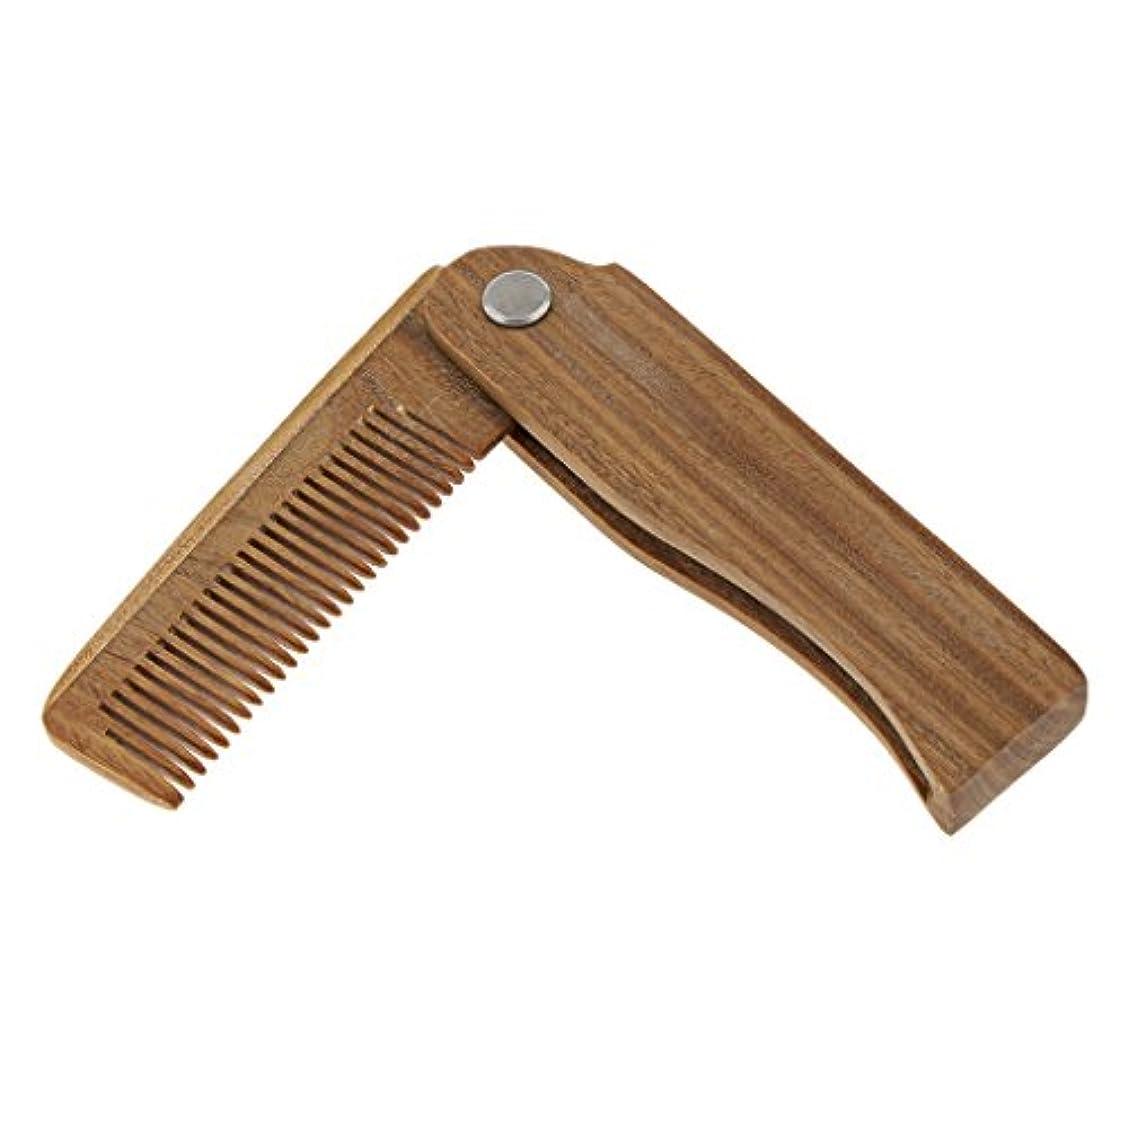 アンソロジーくるみはげ木製櫛 ヘアブラシ ヘアコーム ミニサイズ 多機能櫛 ひげ櫛 櫛 折り畳み式 2タイプ選べる - B